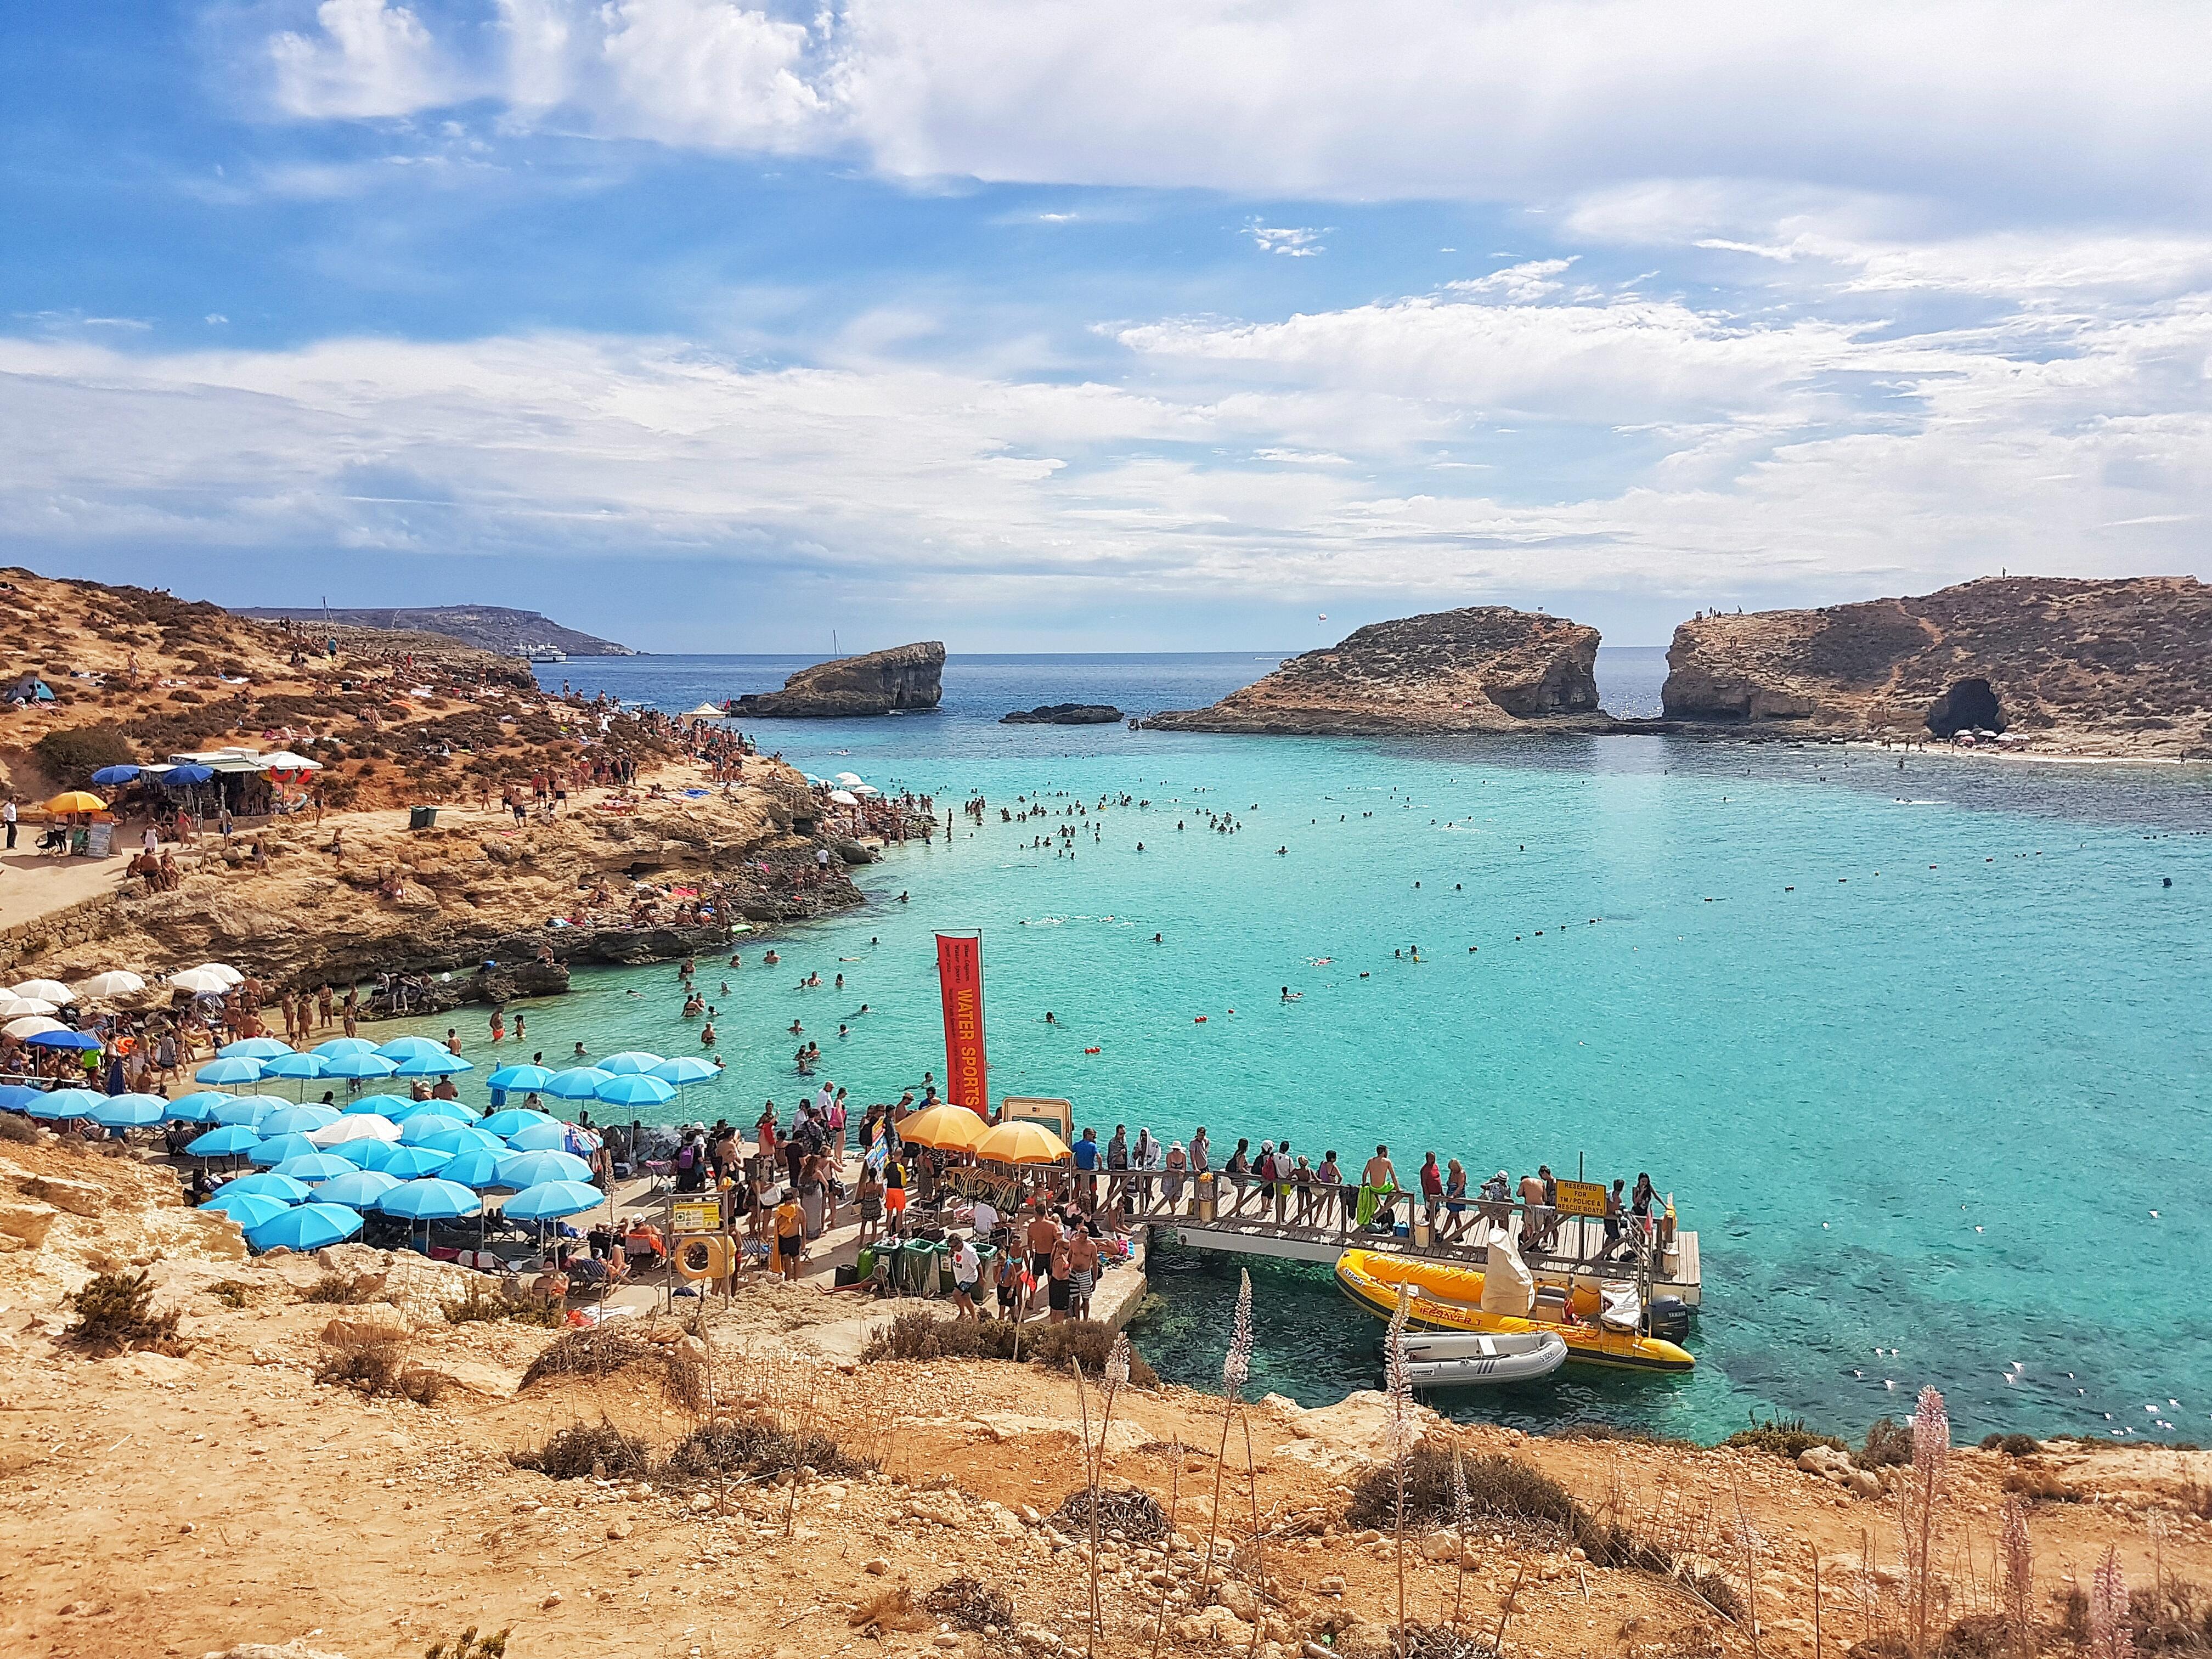 the beach at Comino island in Malta #cominoisland #malta #travel